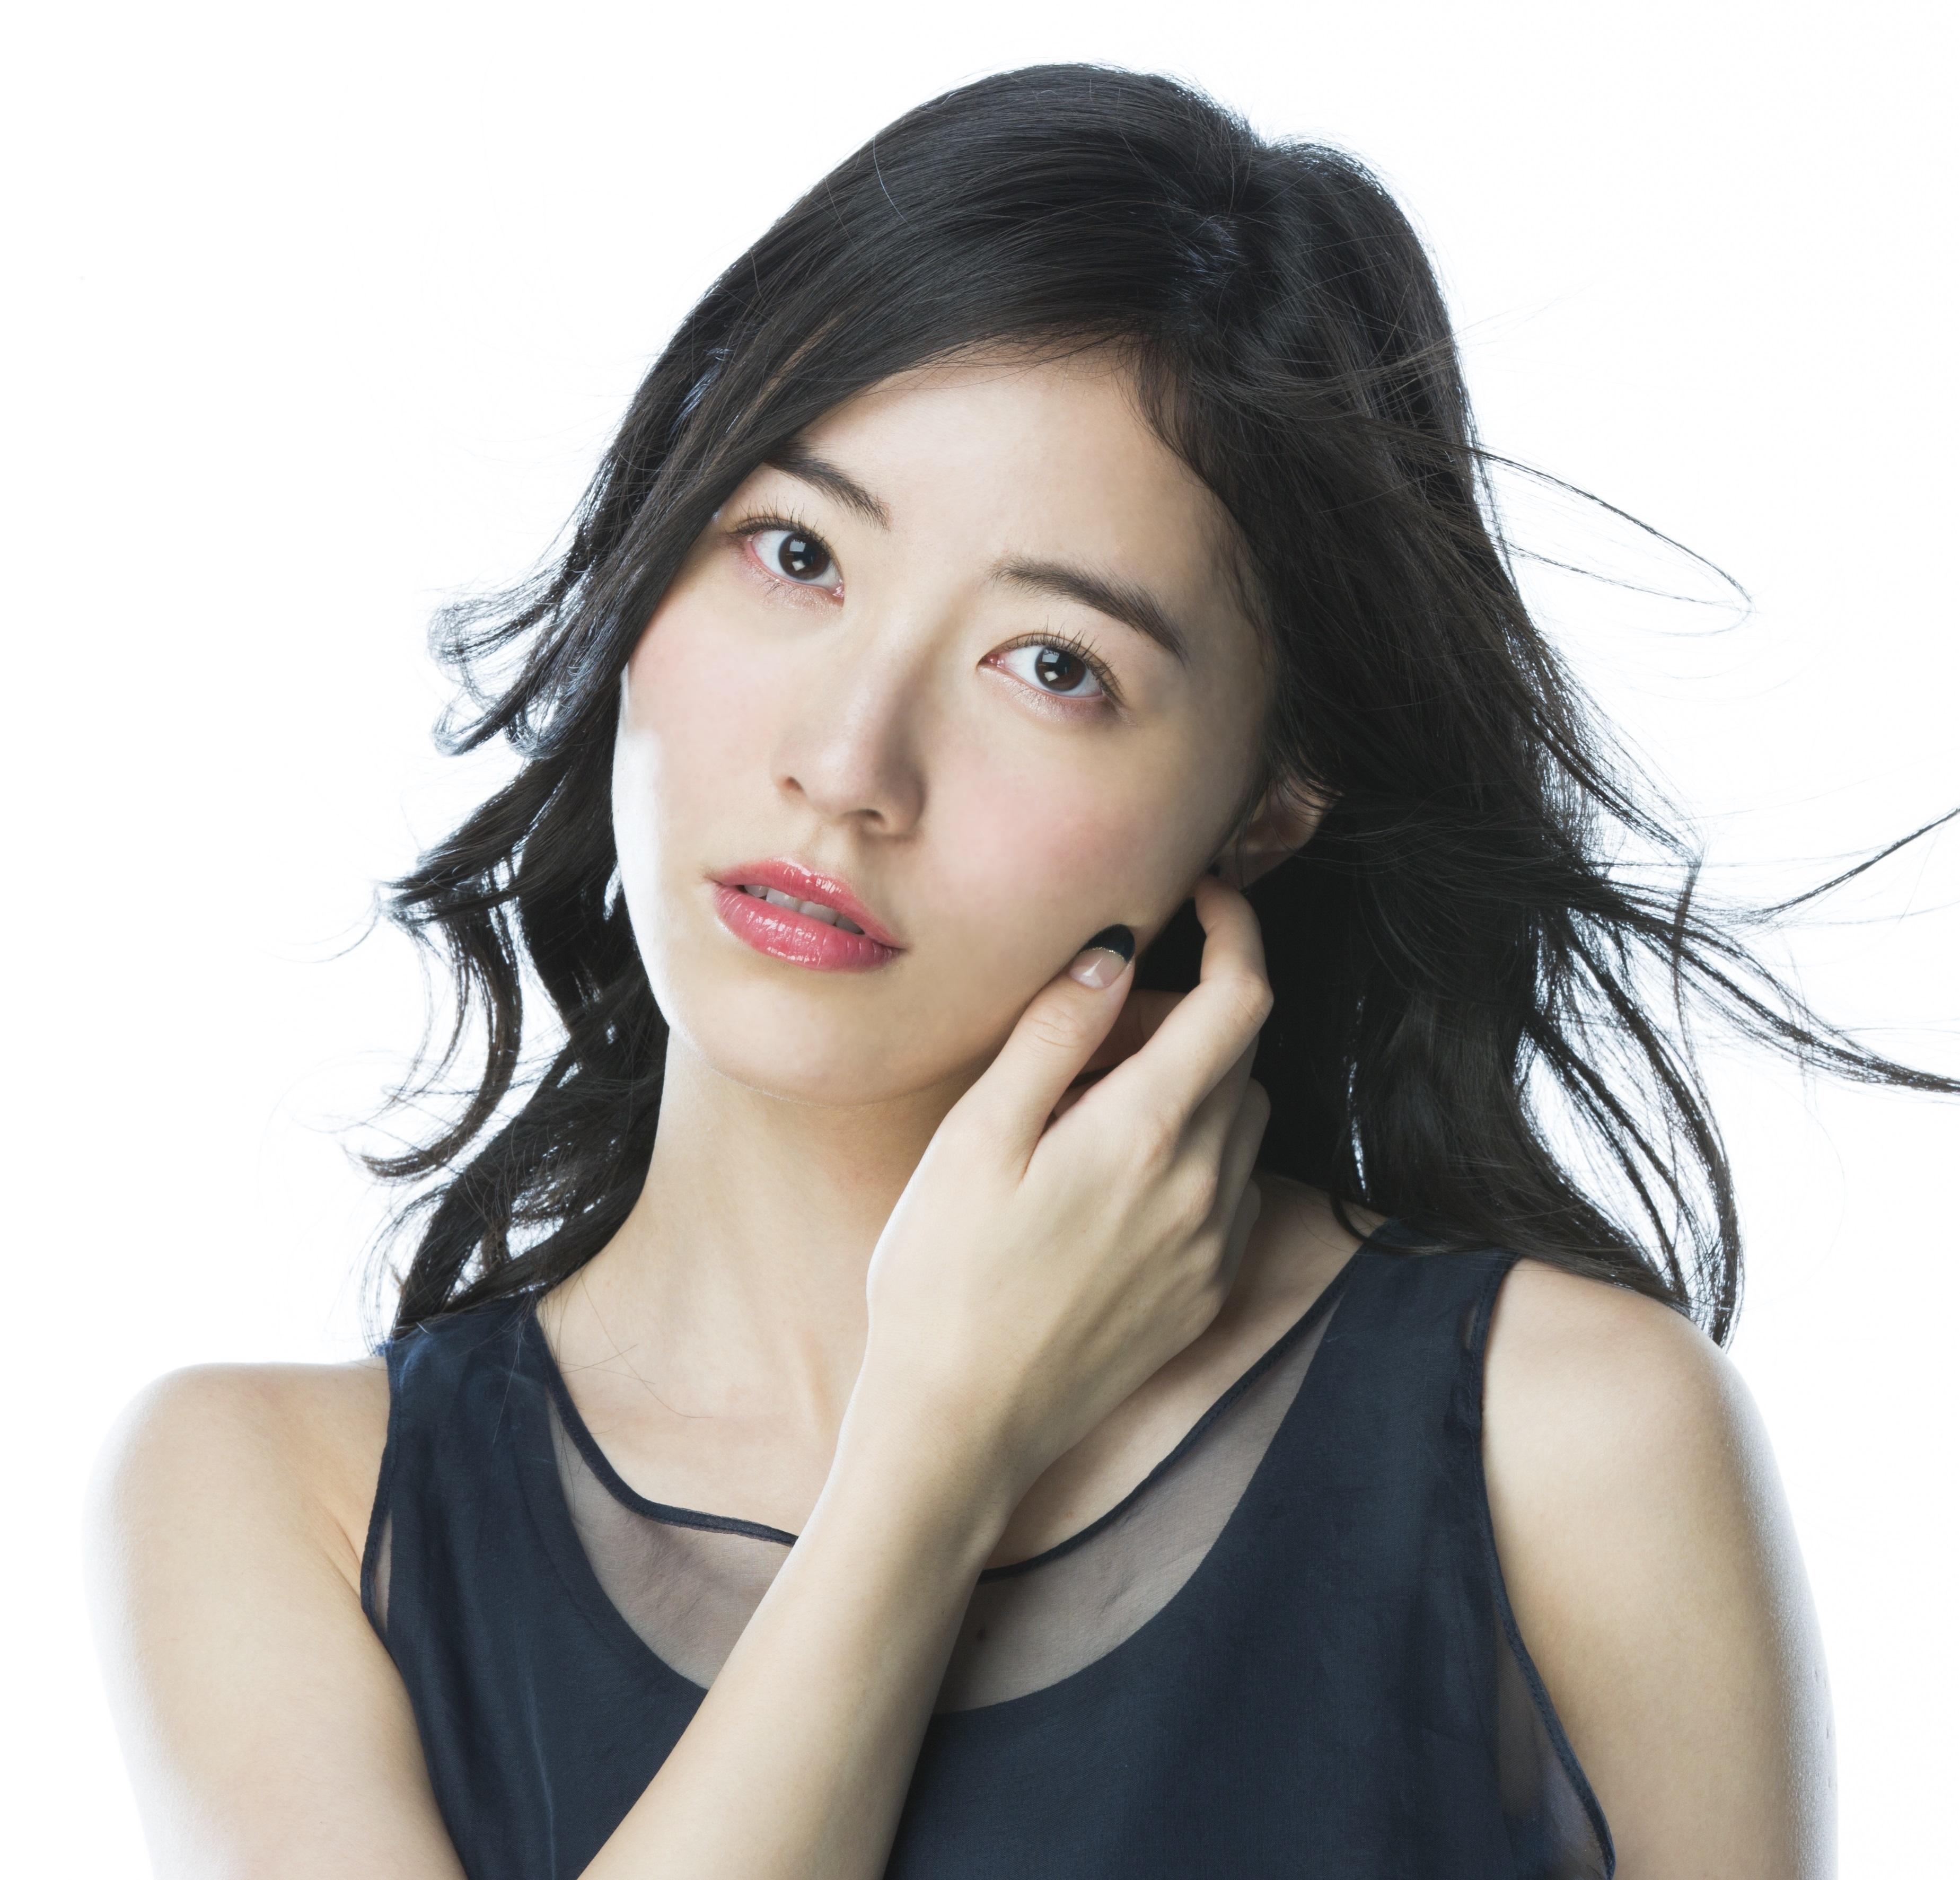 第20回 名古屋モーターショーのアンバサダーに就任した松井珠理奈(SKE48)。これからの広報大使ぶりに注目だ